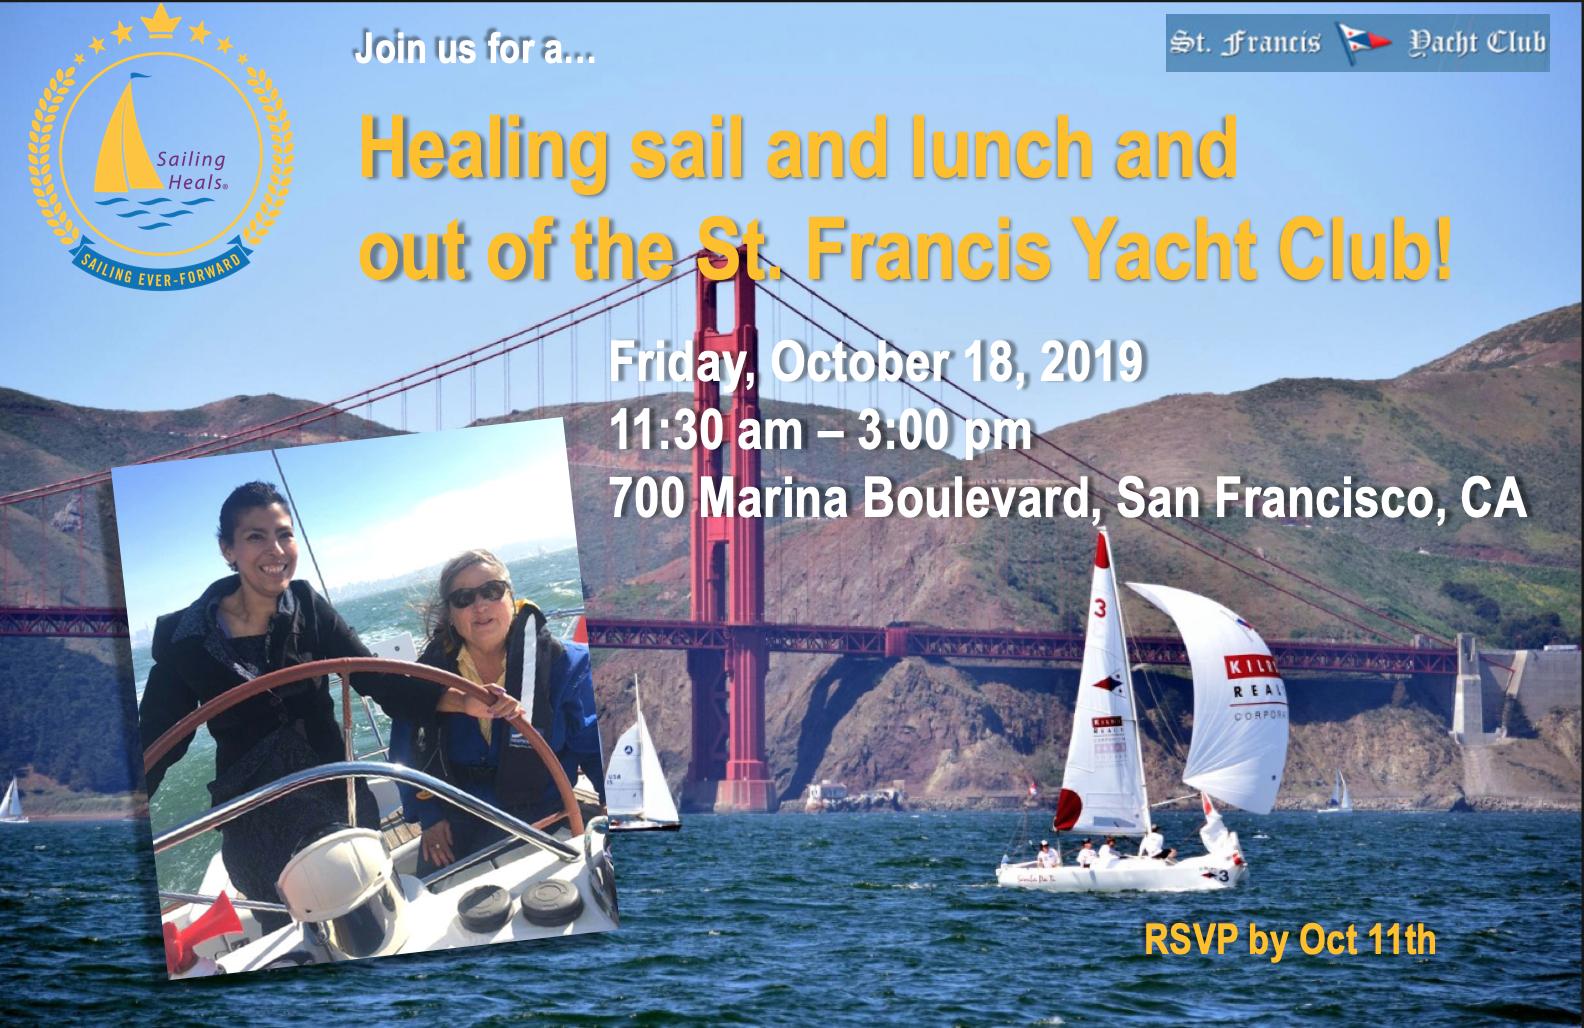 10.18.19 St. Francis YC healing Sail